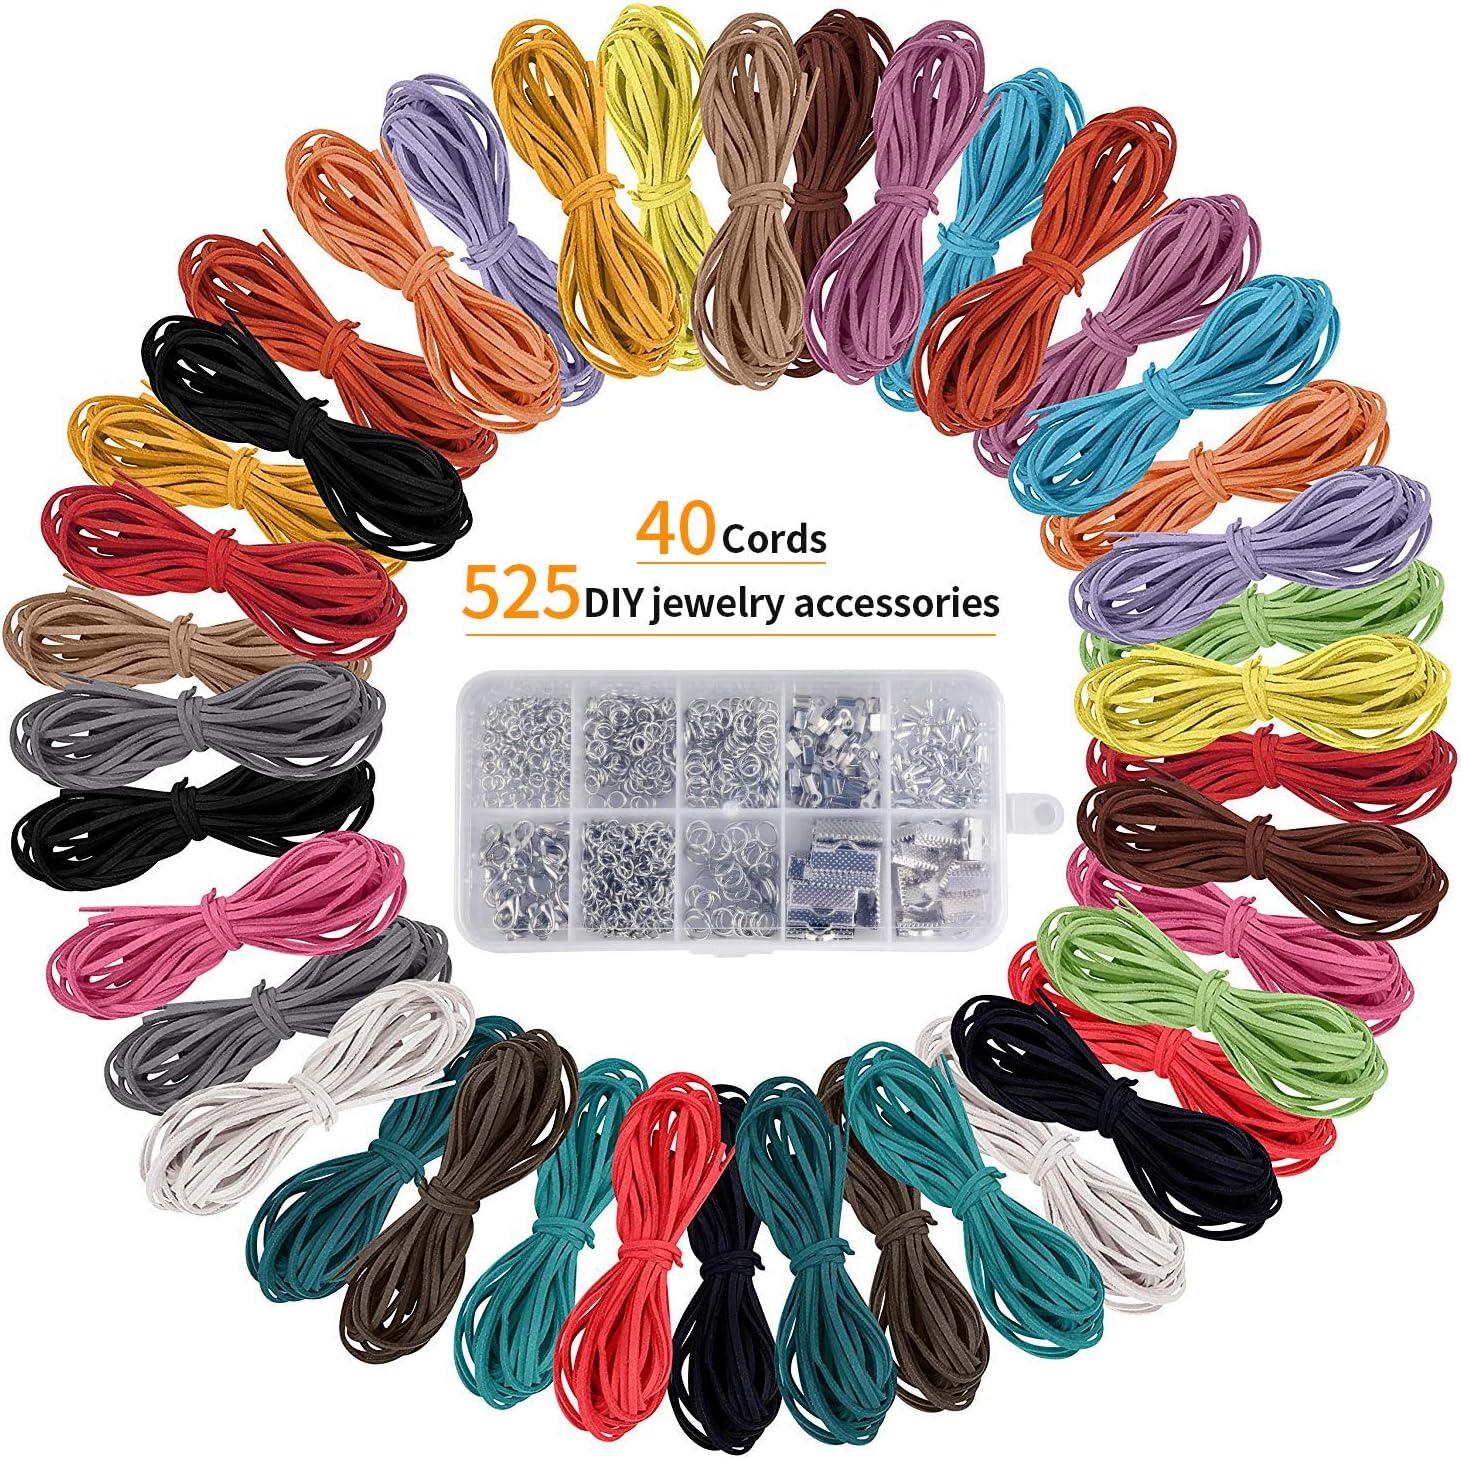 40 piezas 1 mx 3 mm Hilo de cordón de cuero DIY Hilo de gamuza sintética con 525 piezas de joyería, para pulsera, collar, llavero, joyería, manualidades